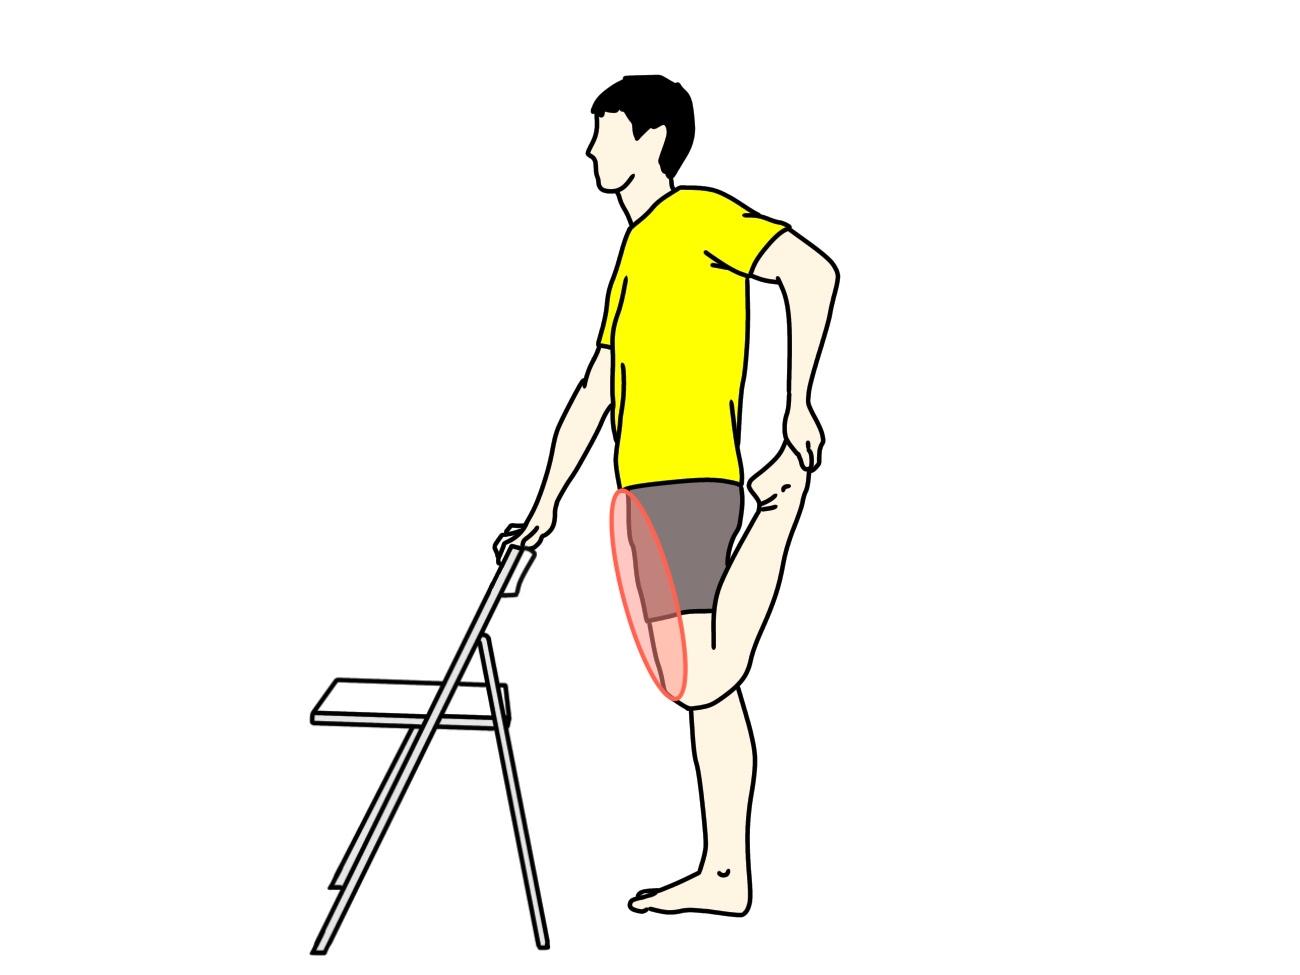 椅子につかまって行うもも前の筋肉(大腿四頭筋)のストレッチで伸びる場所